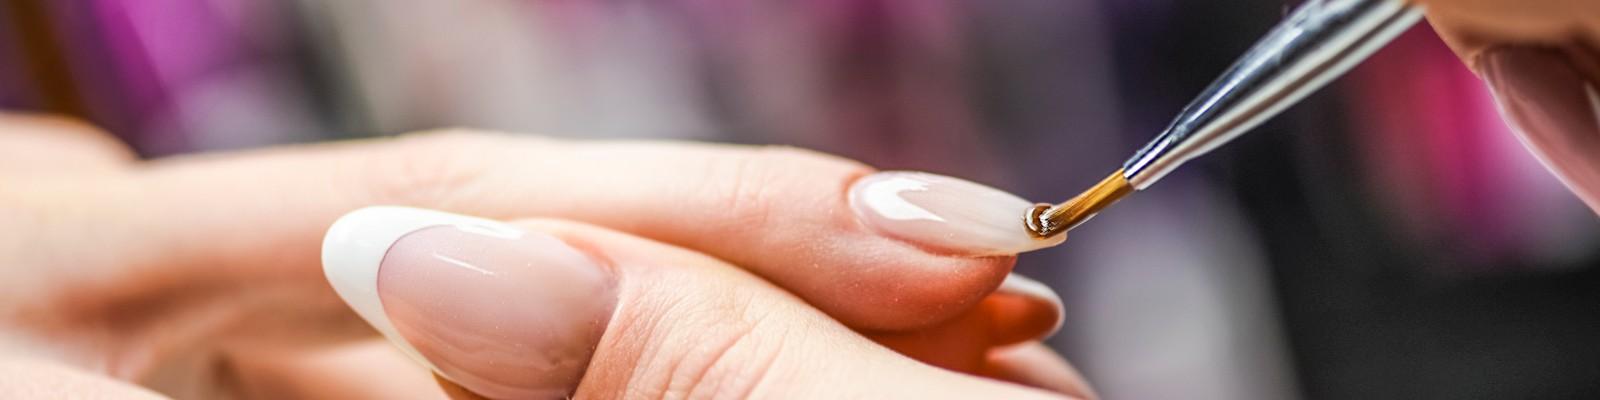 Wszystko, czego potrzebujesz by wykonać manicure żelowy